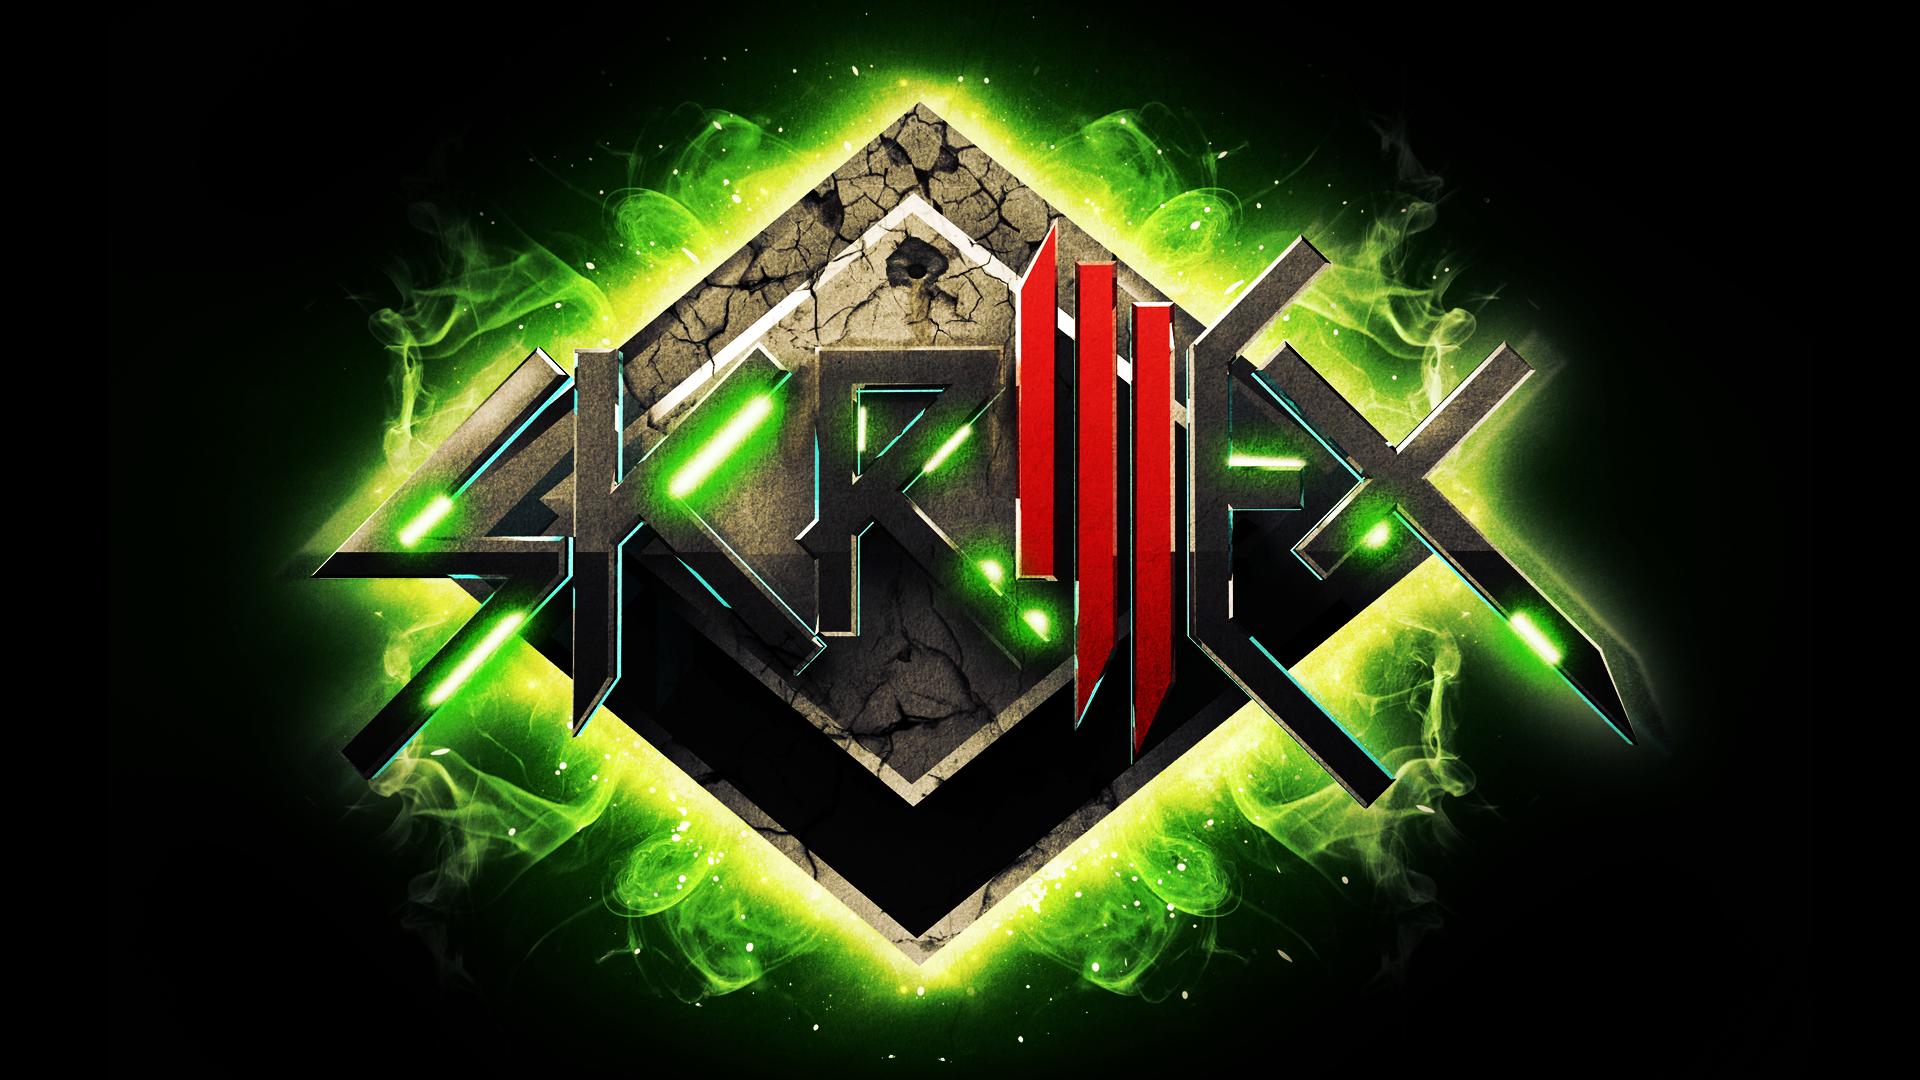 Skrillex Wallpaper V2 by CreatedByAddy